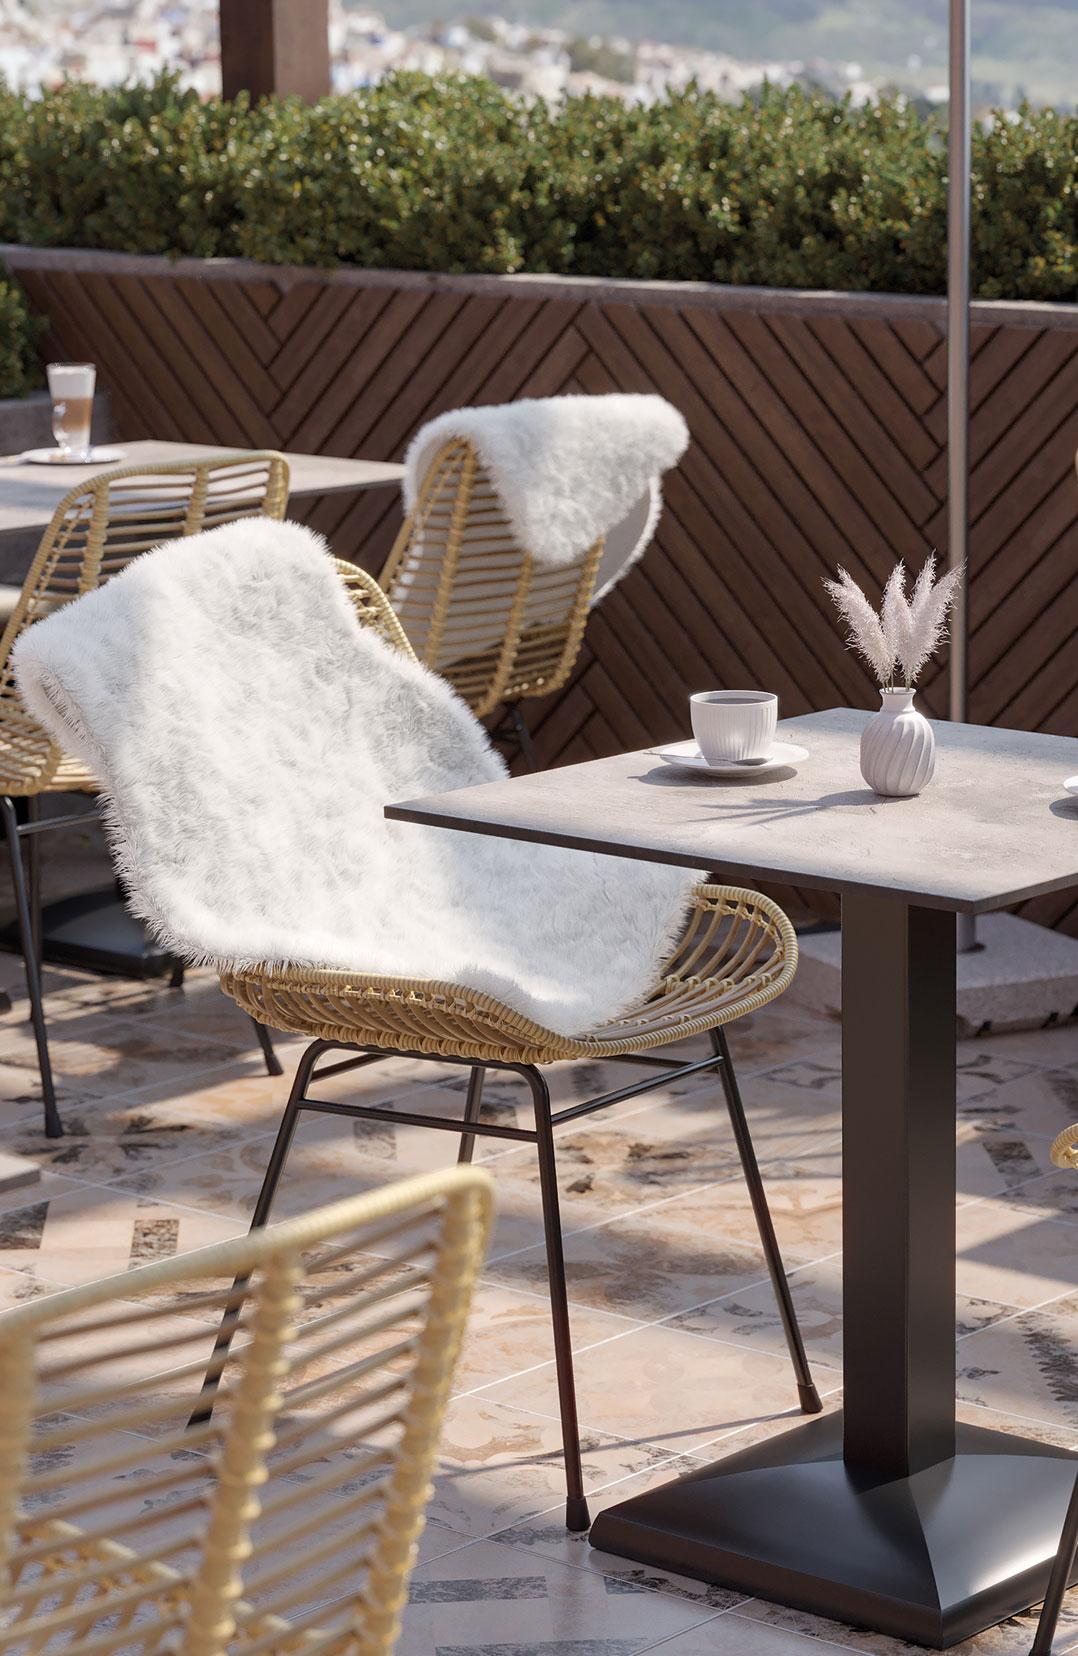 Accessoires pour l'espace extérieur de votre restaurant ou hôtel